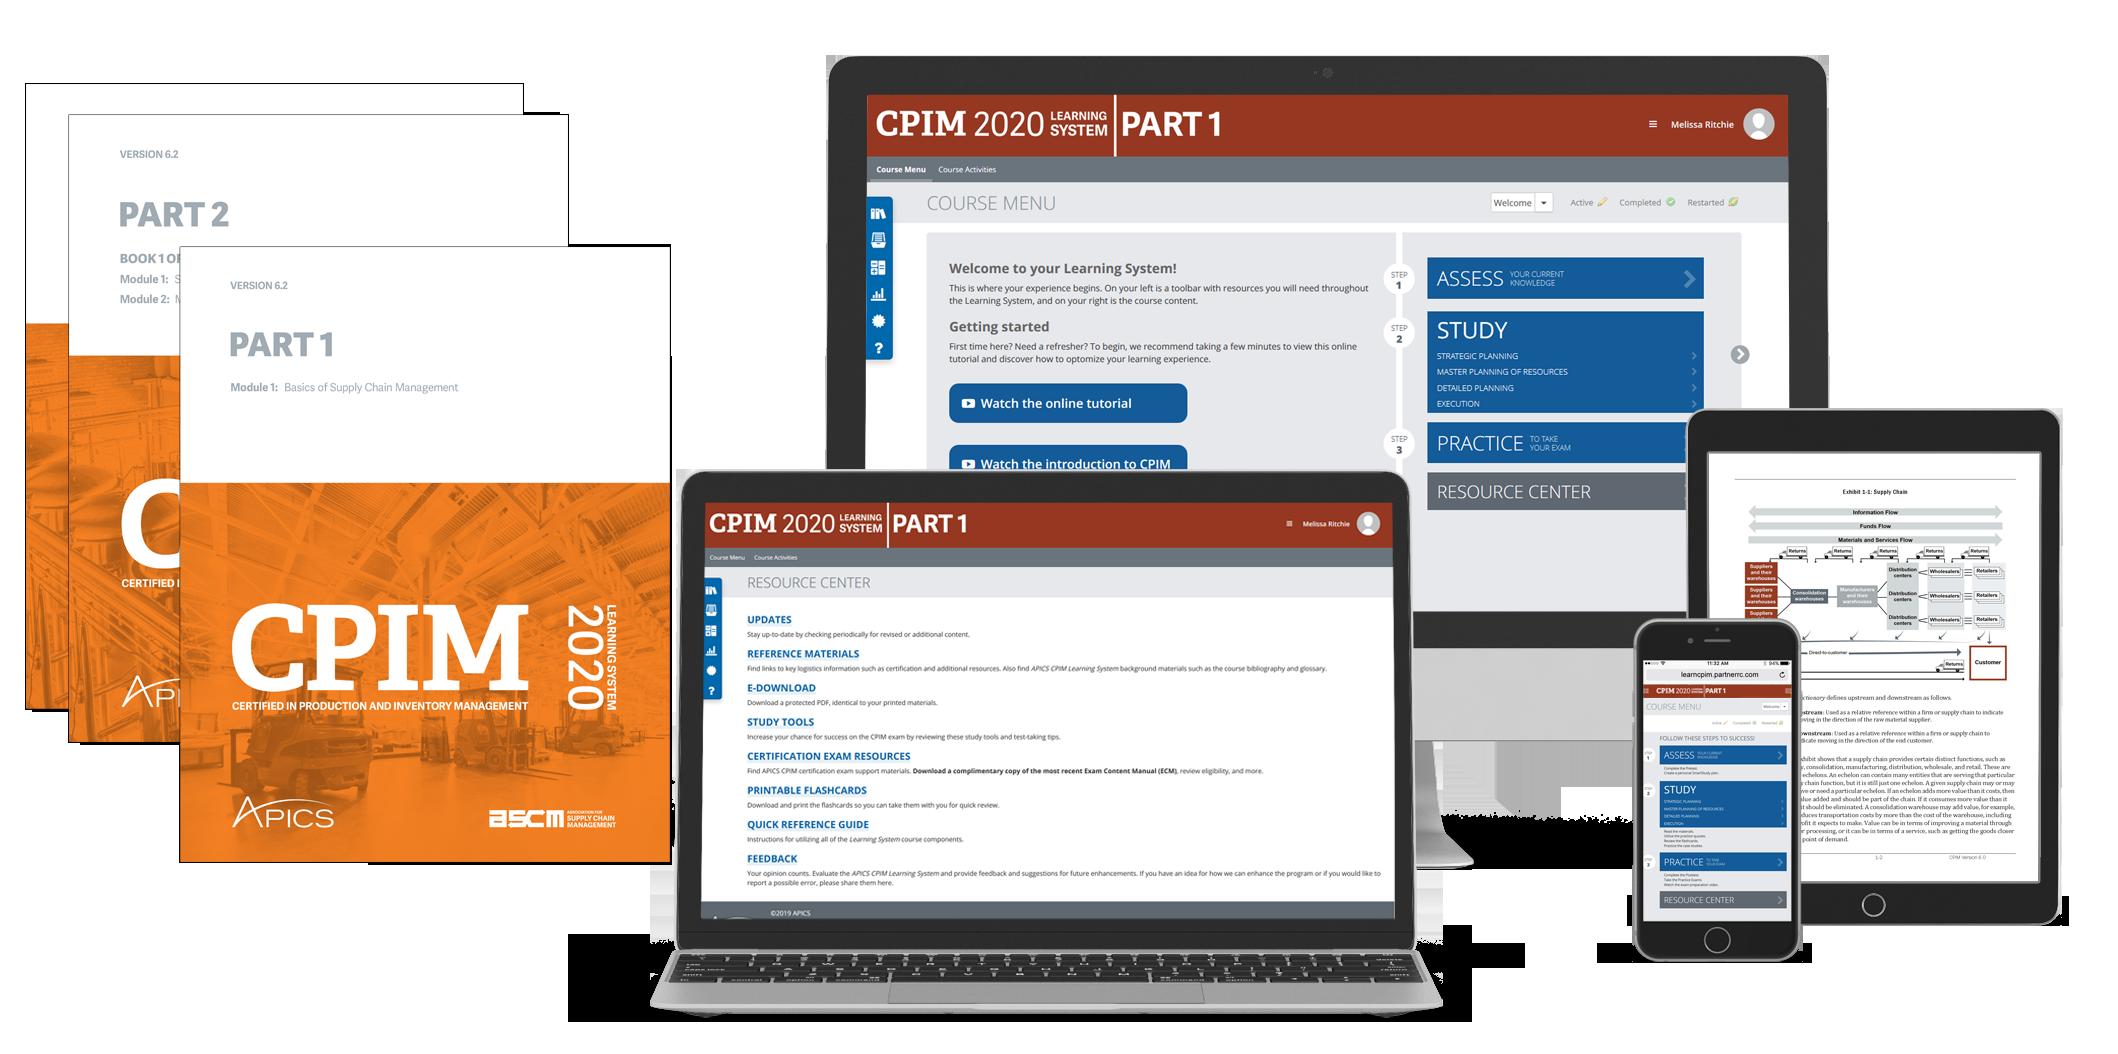 cpim20-composite.png